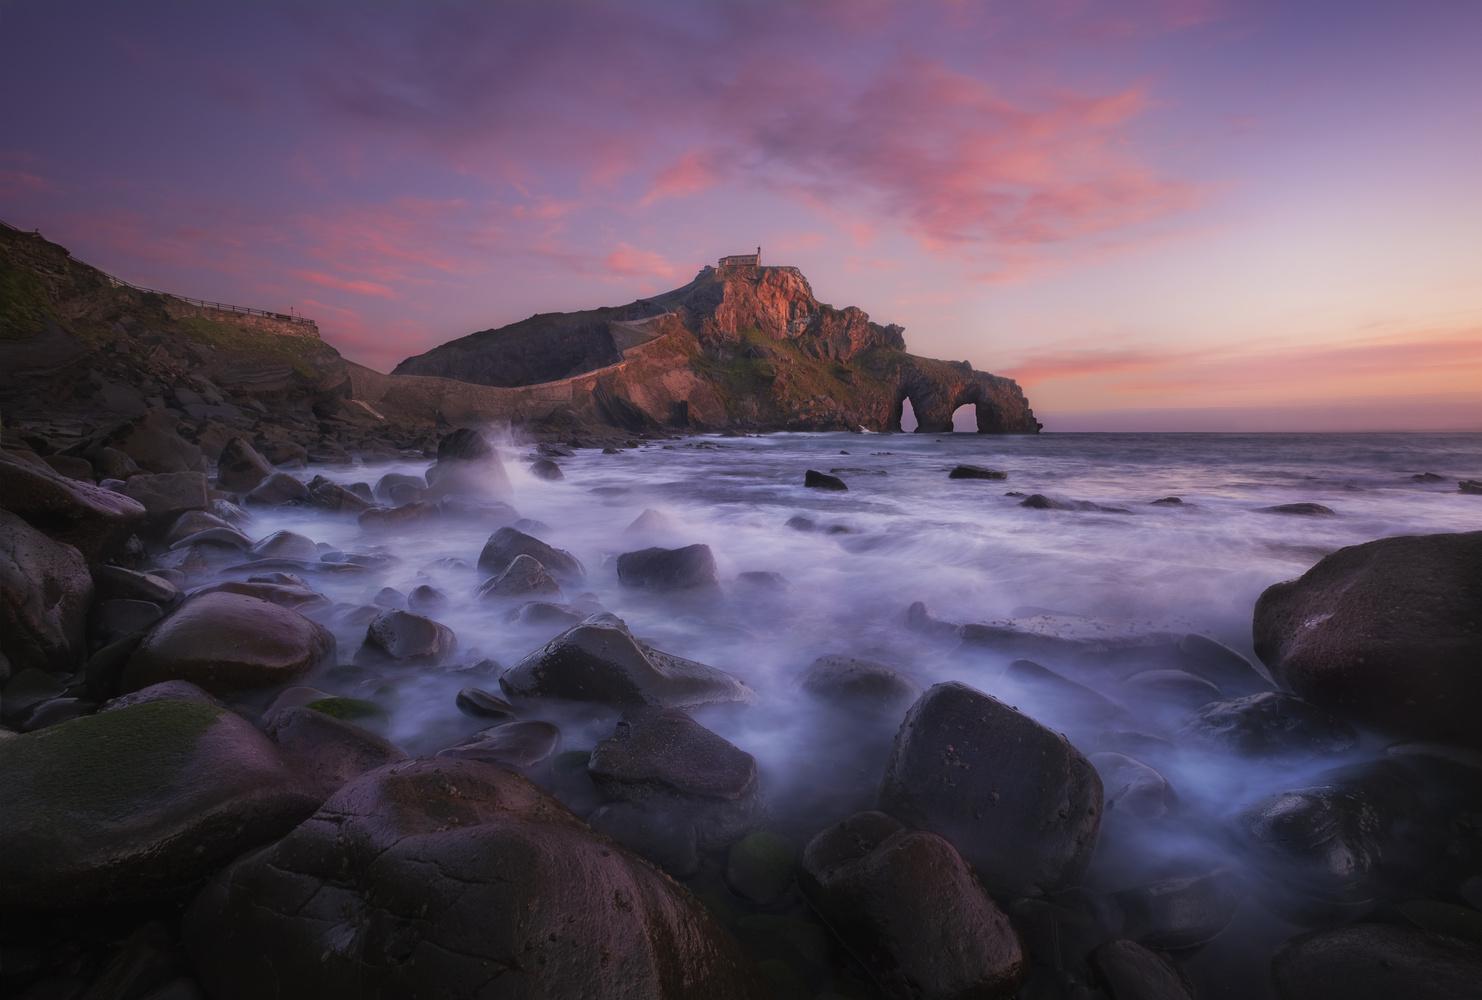 Blooming Rock by Aritz Atela